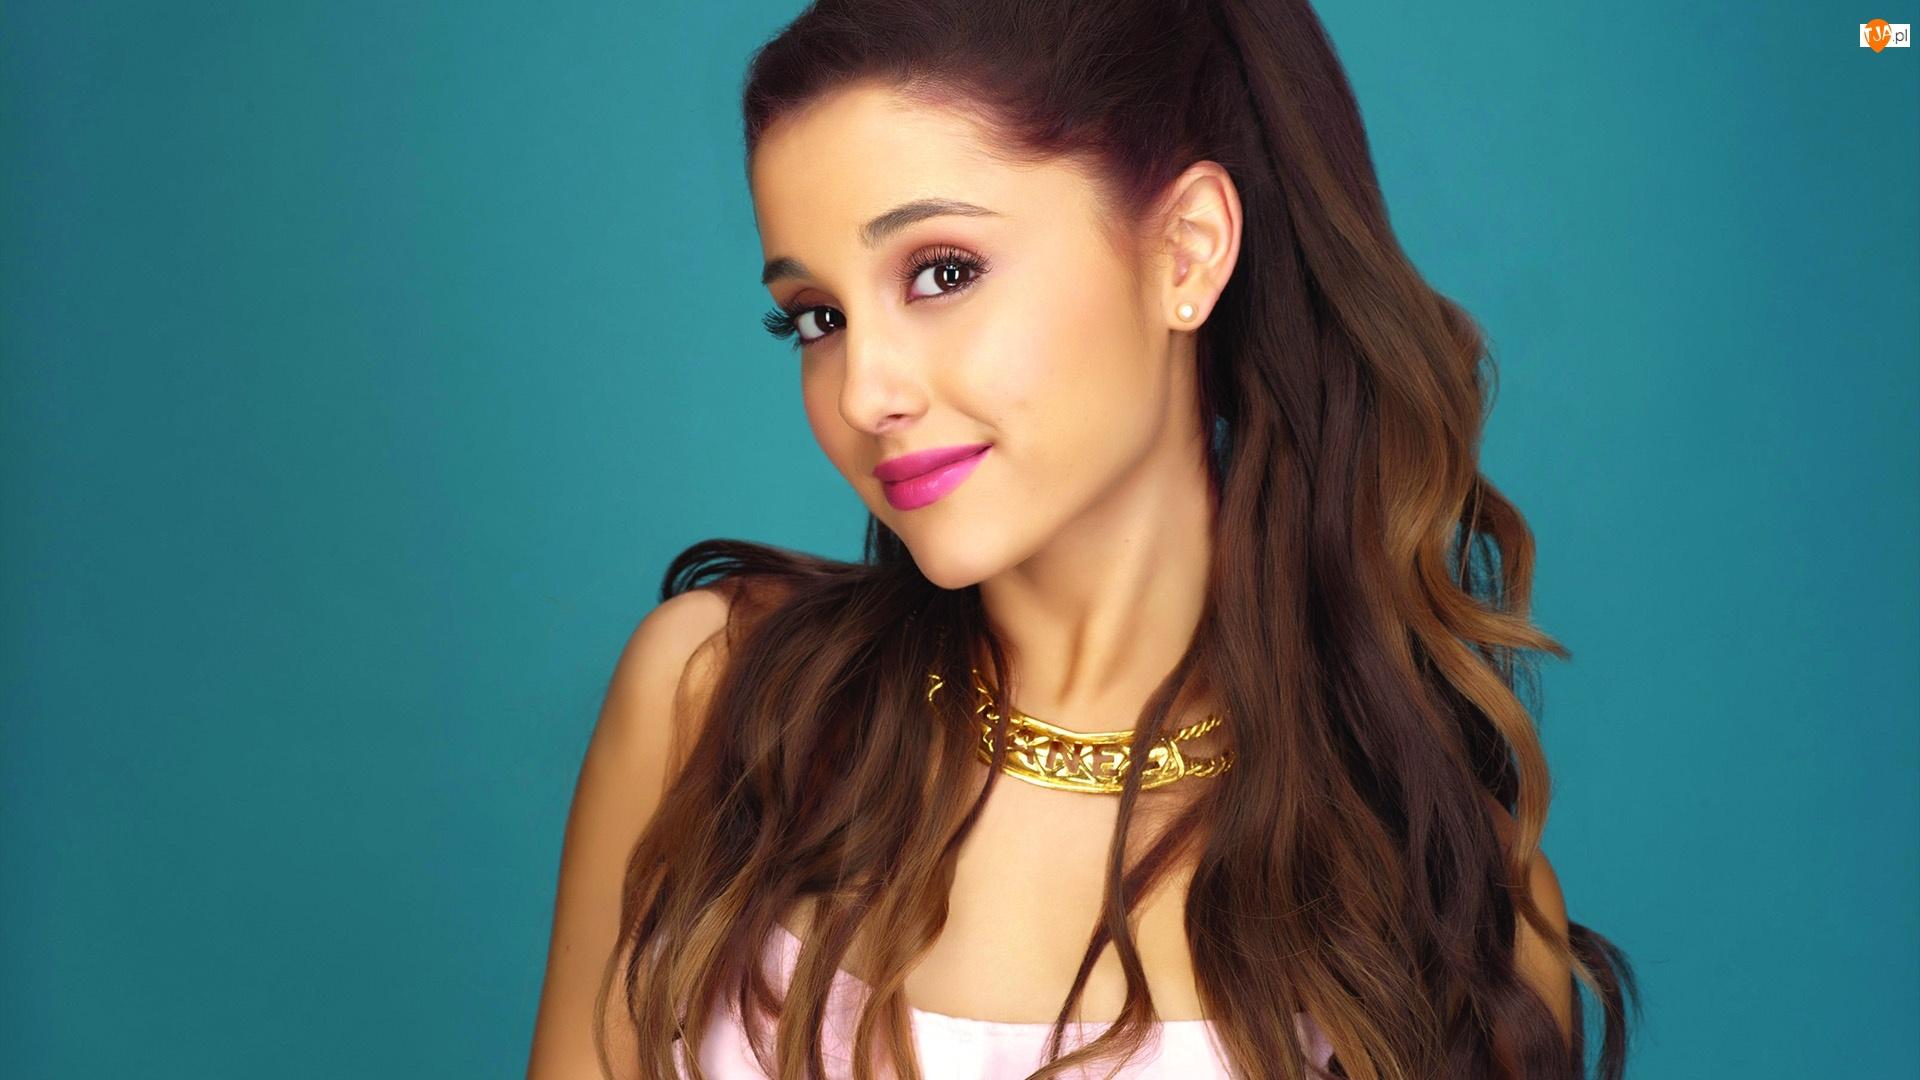 Ariana Grande, Aktorka, Piosenkarka